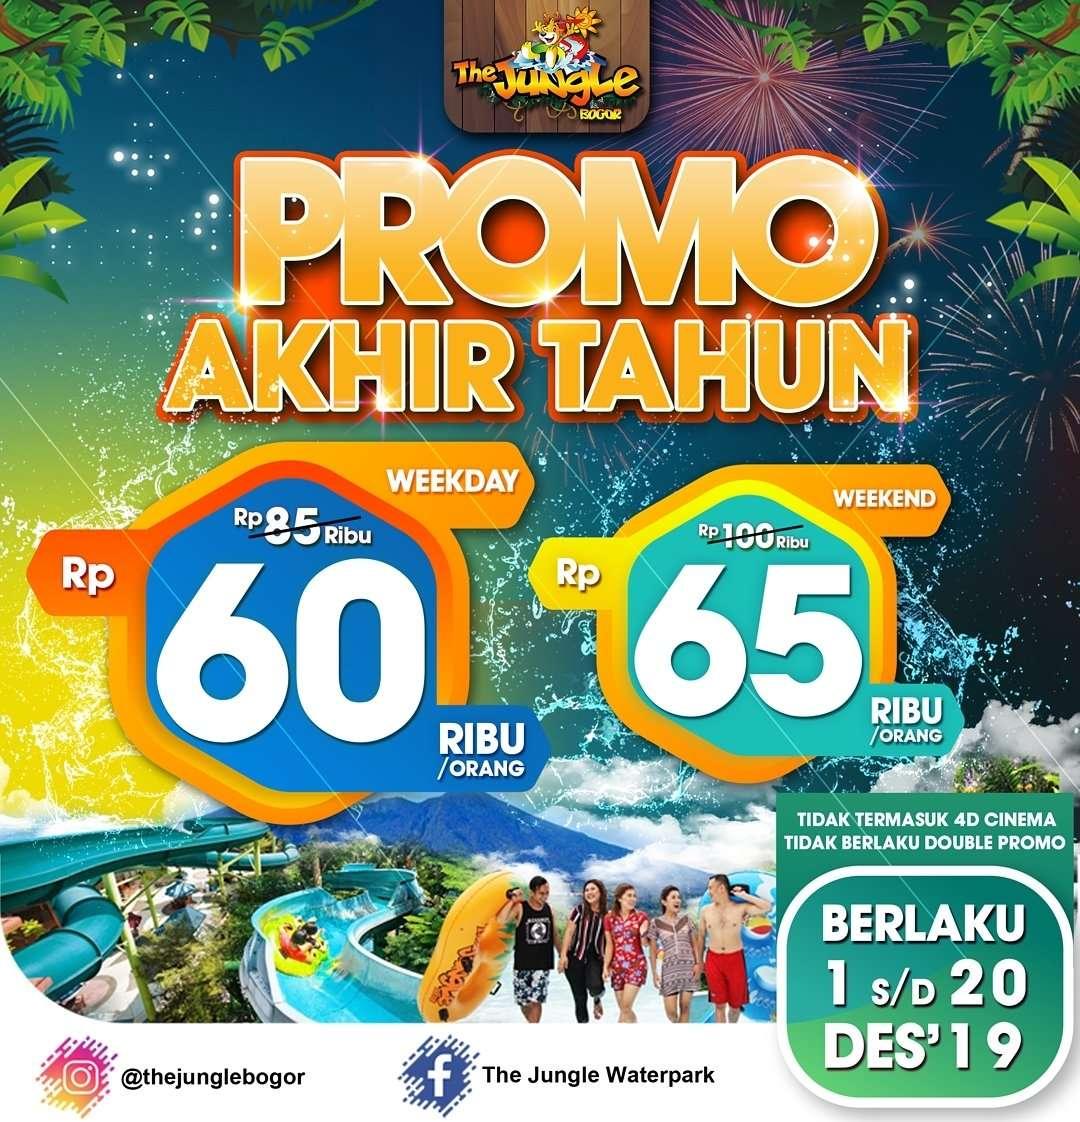 The Jungle Bogor Promo Akhir Tahun Tiket Masuk Mulai Dari Rp. 60.000